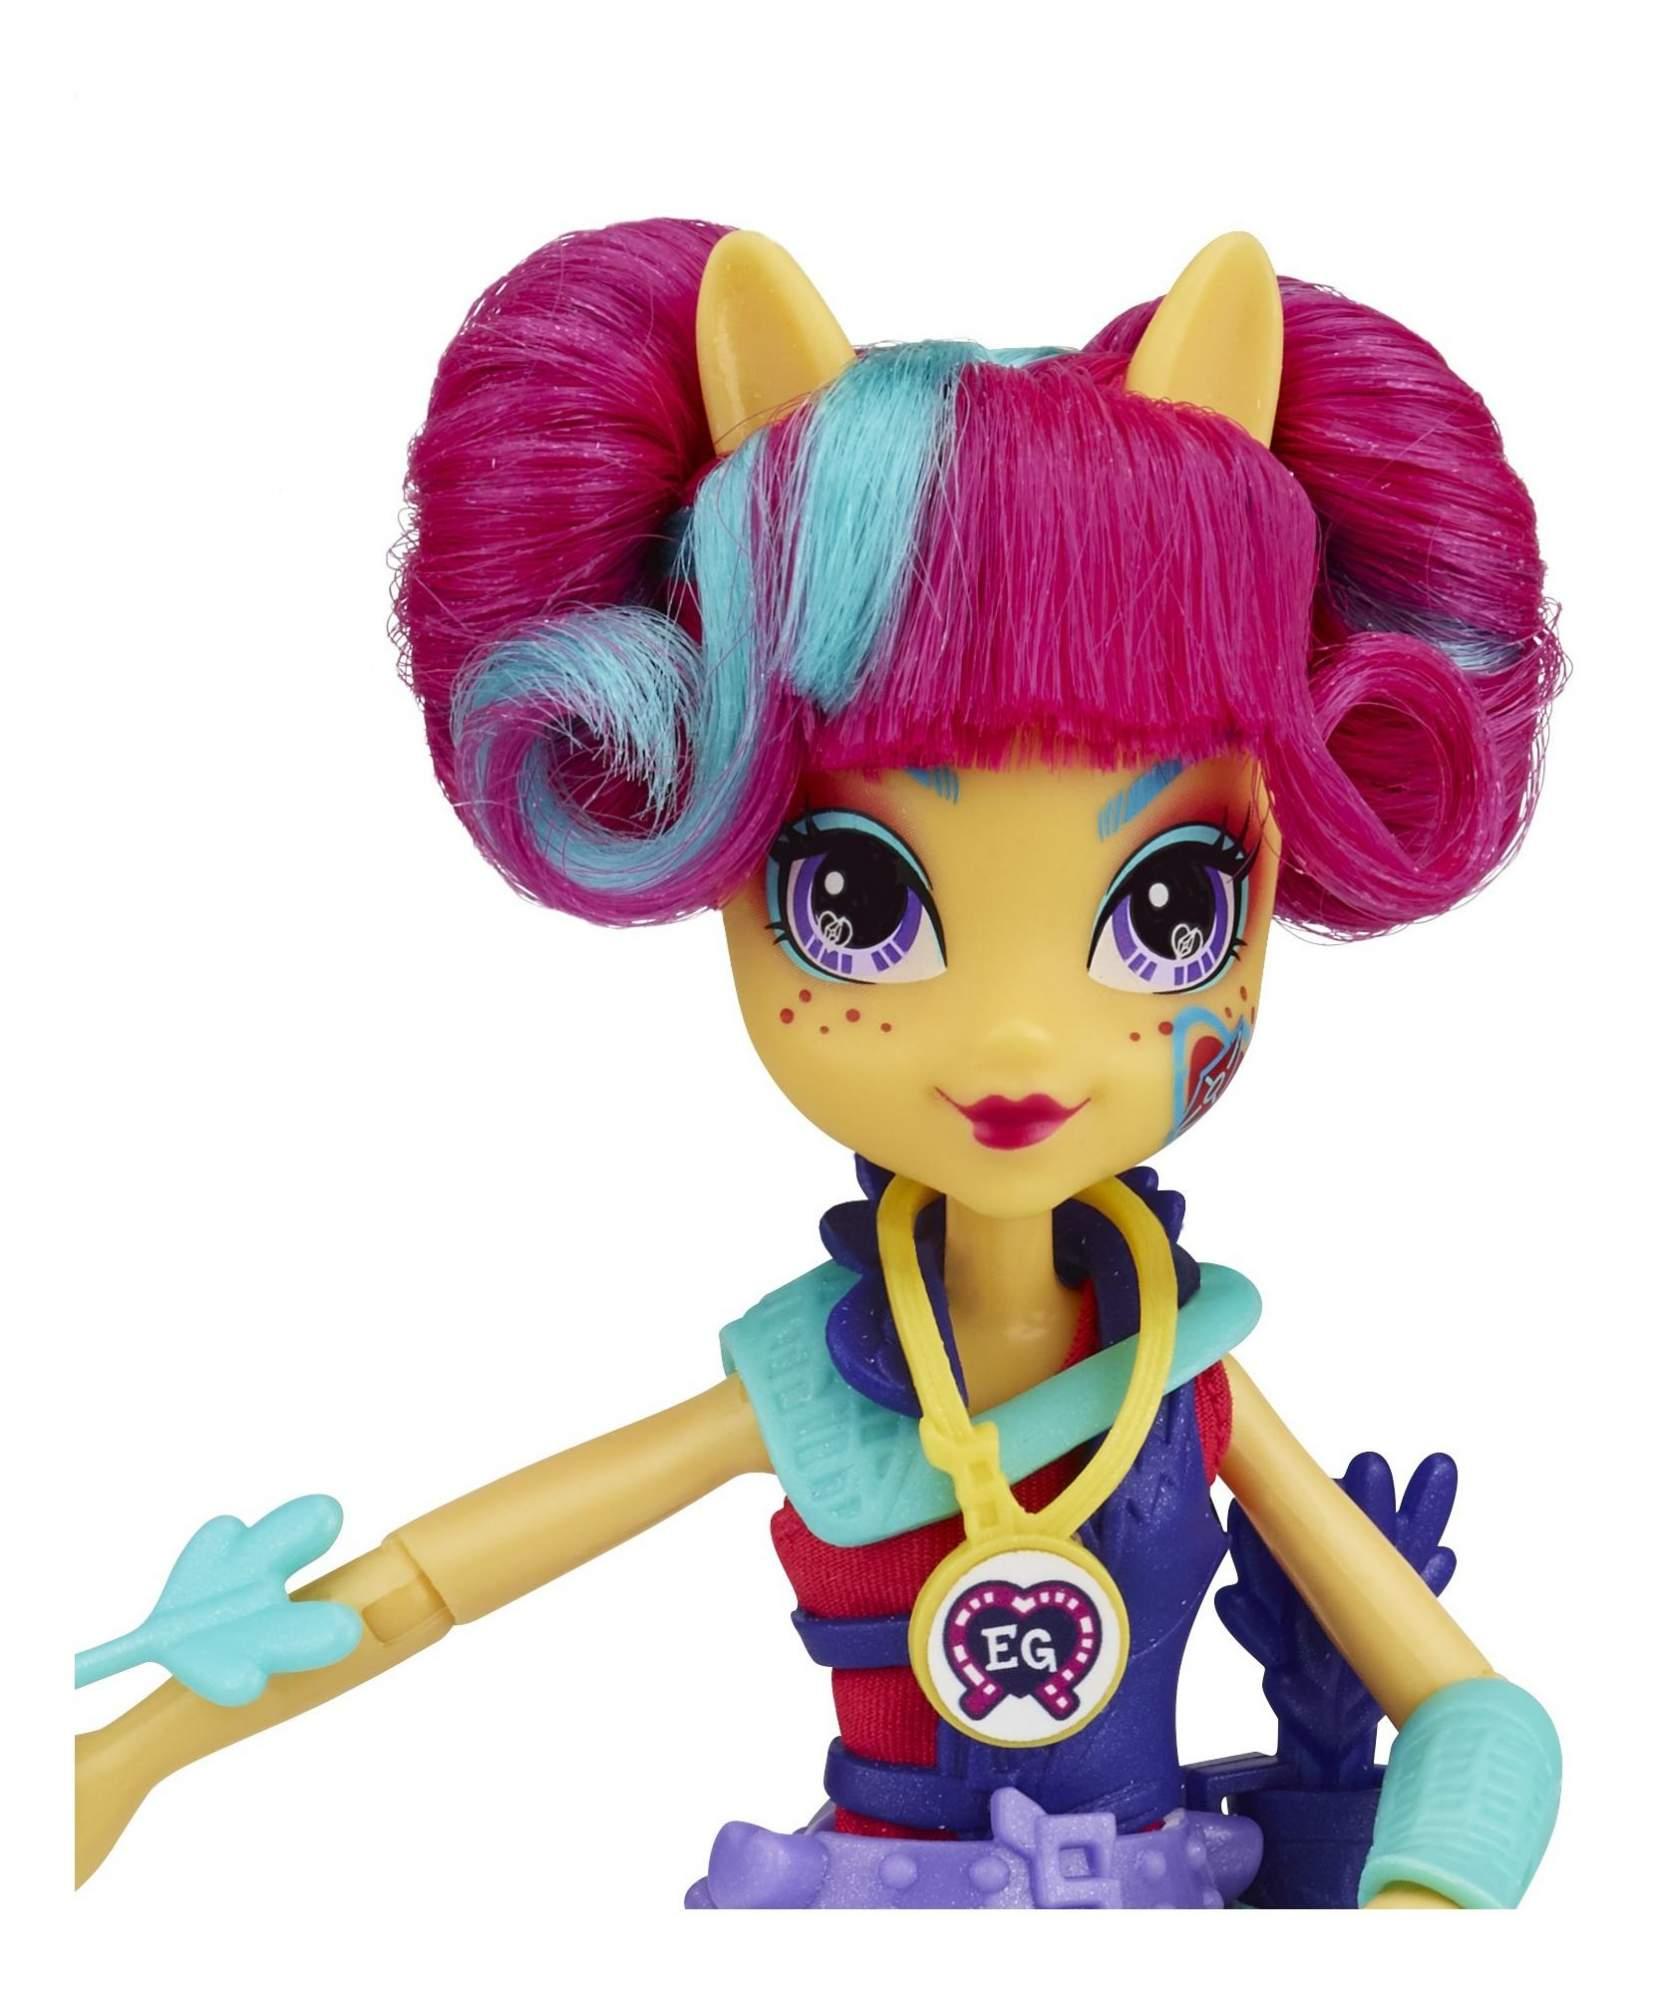 подойдёт куклы пони с ожерельем фото нормальному развитию